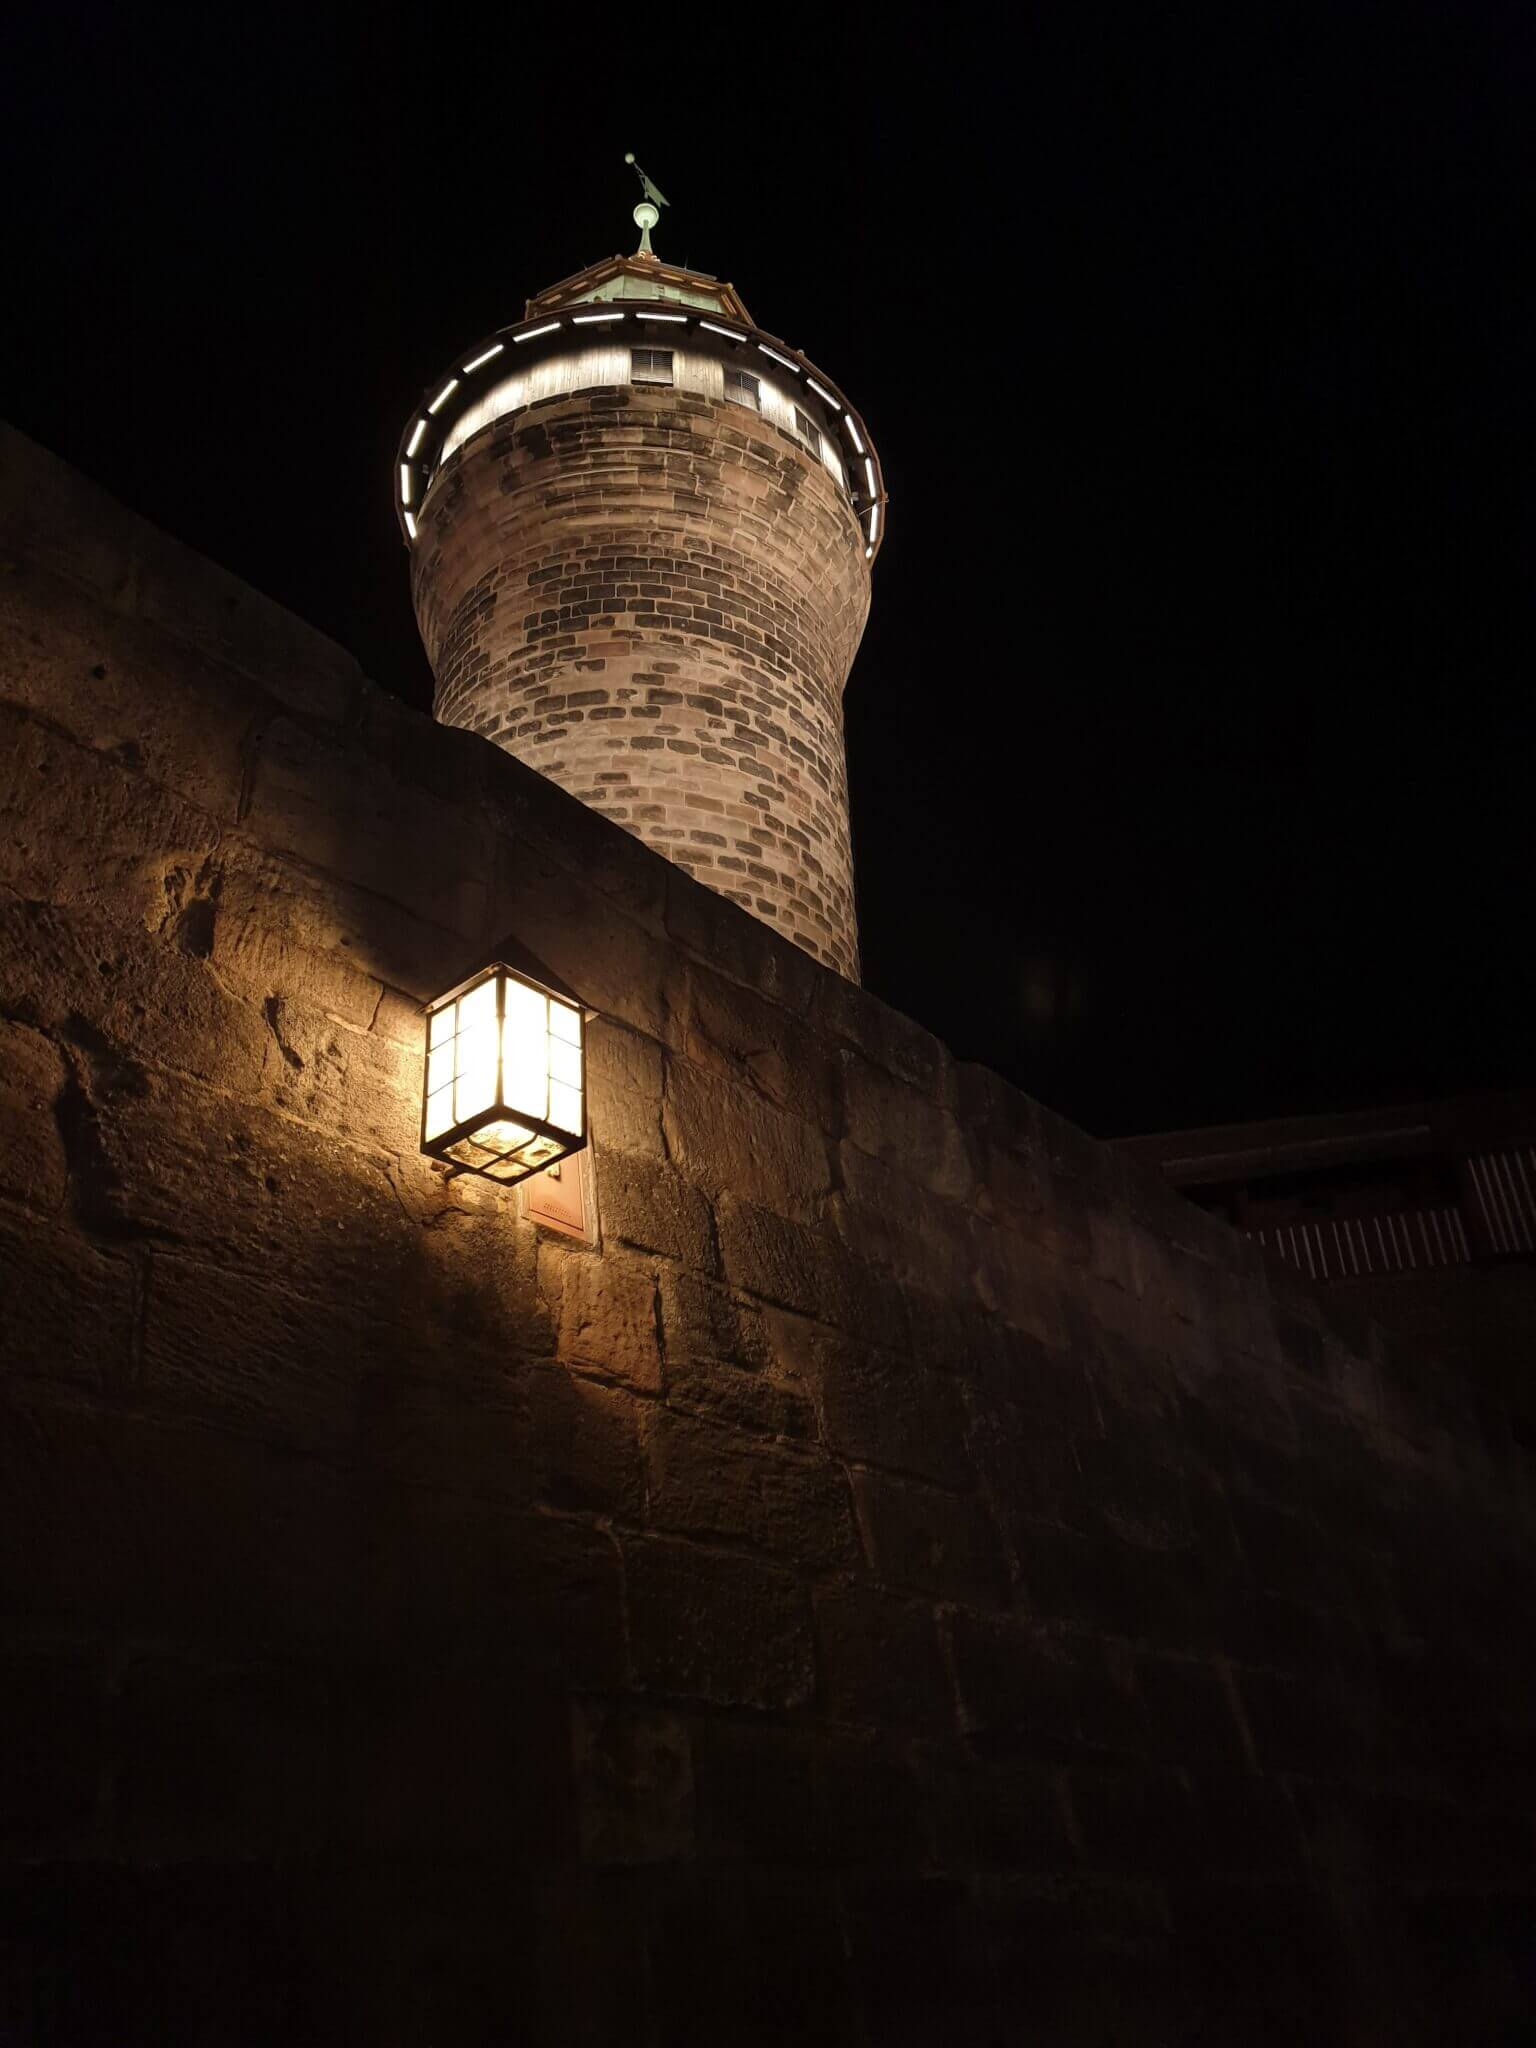 Sinwellturm Nürnberg